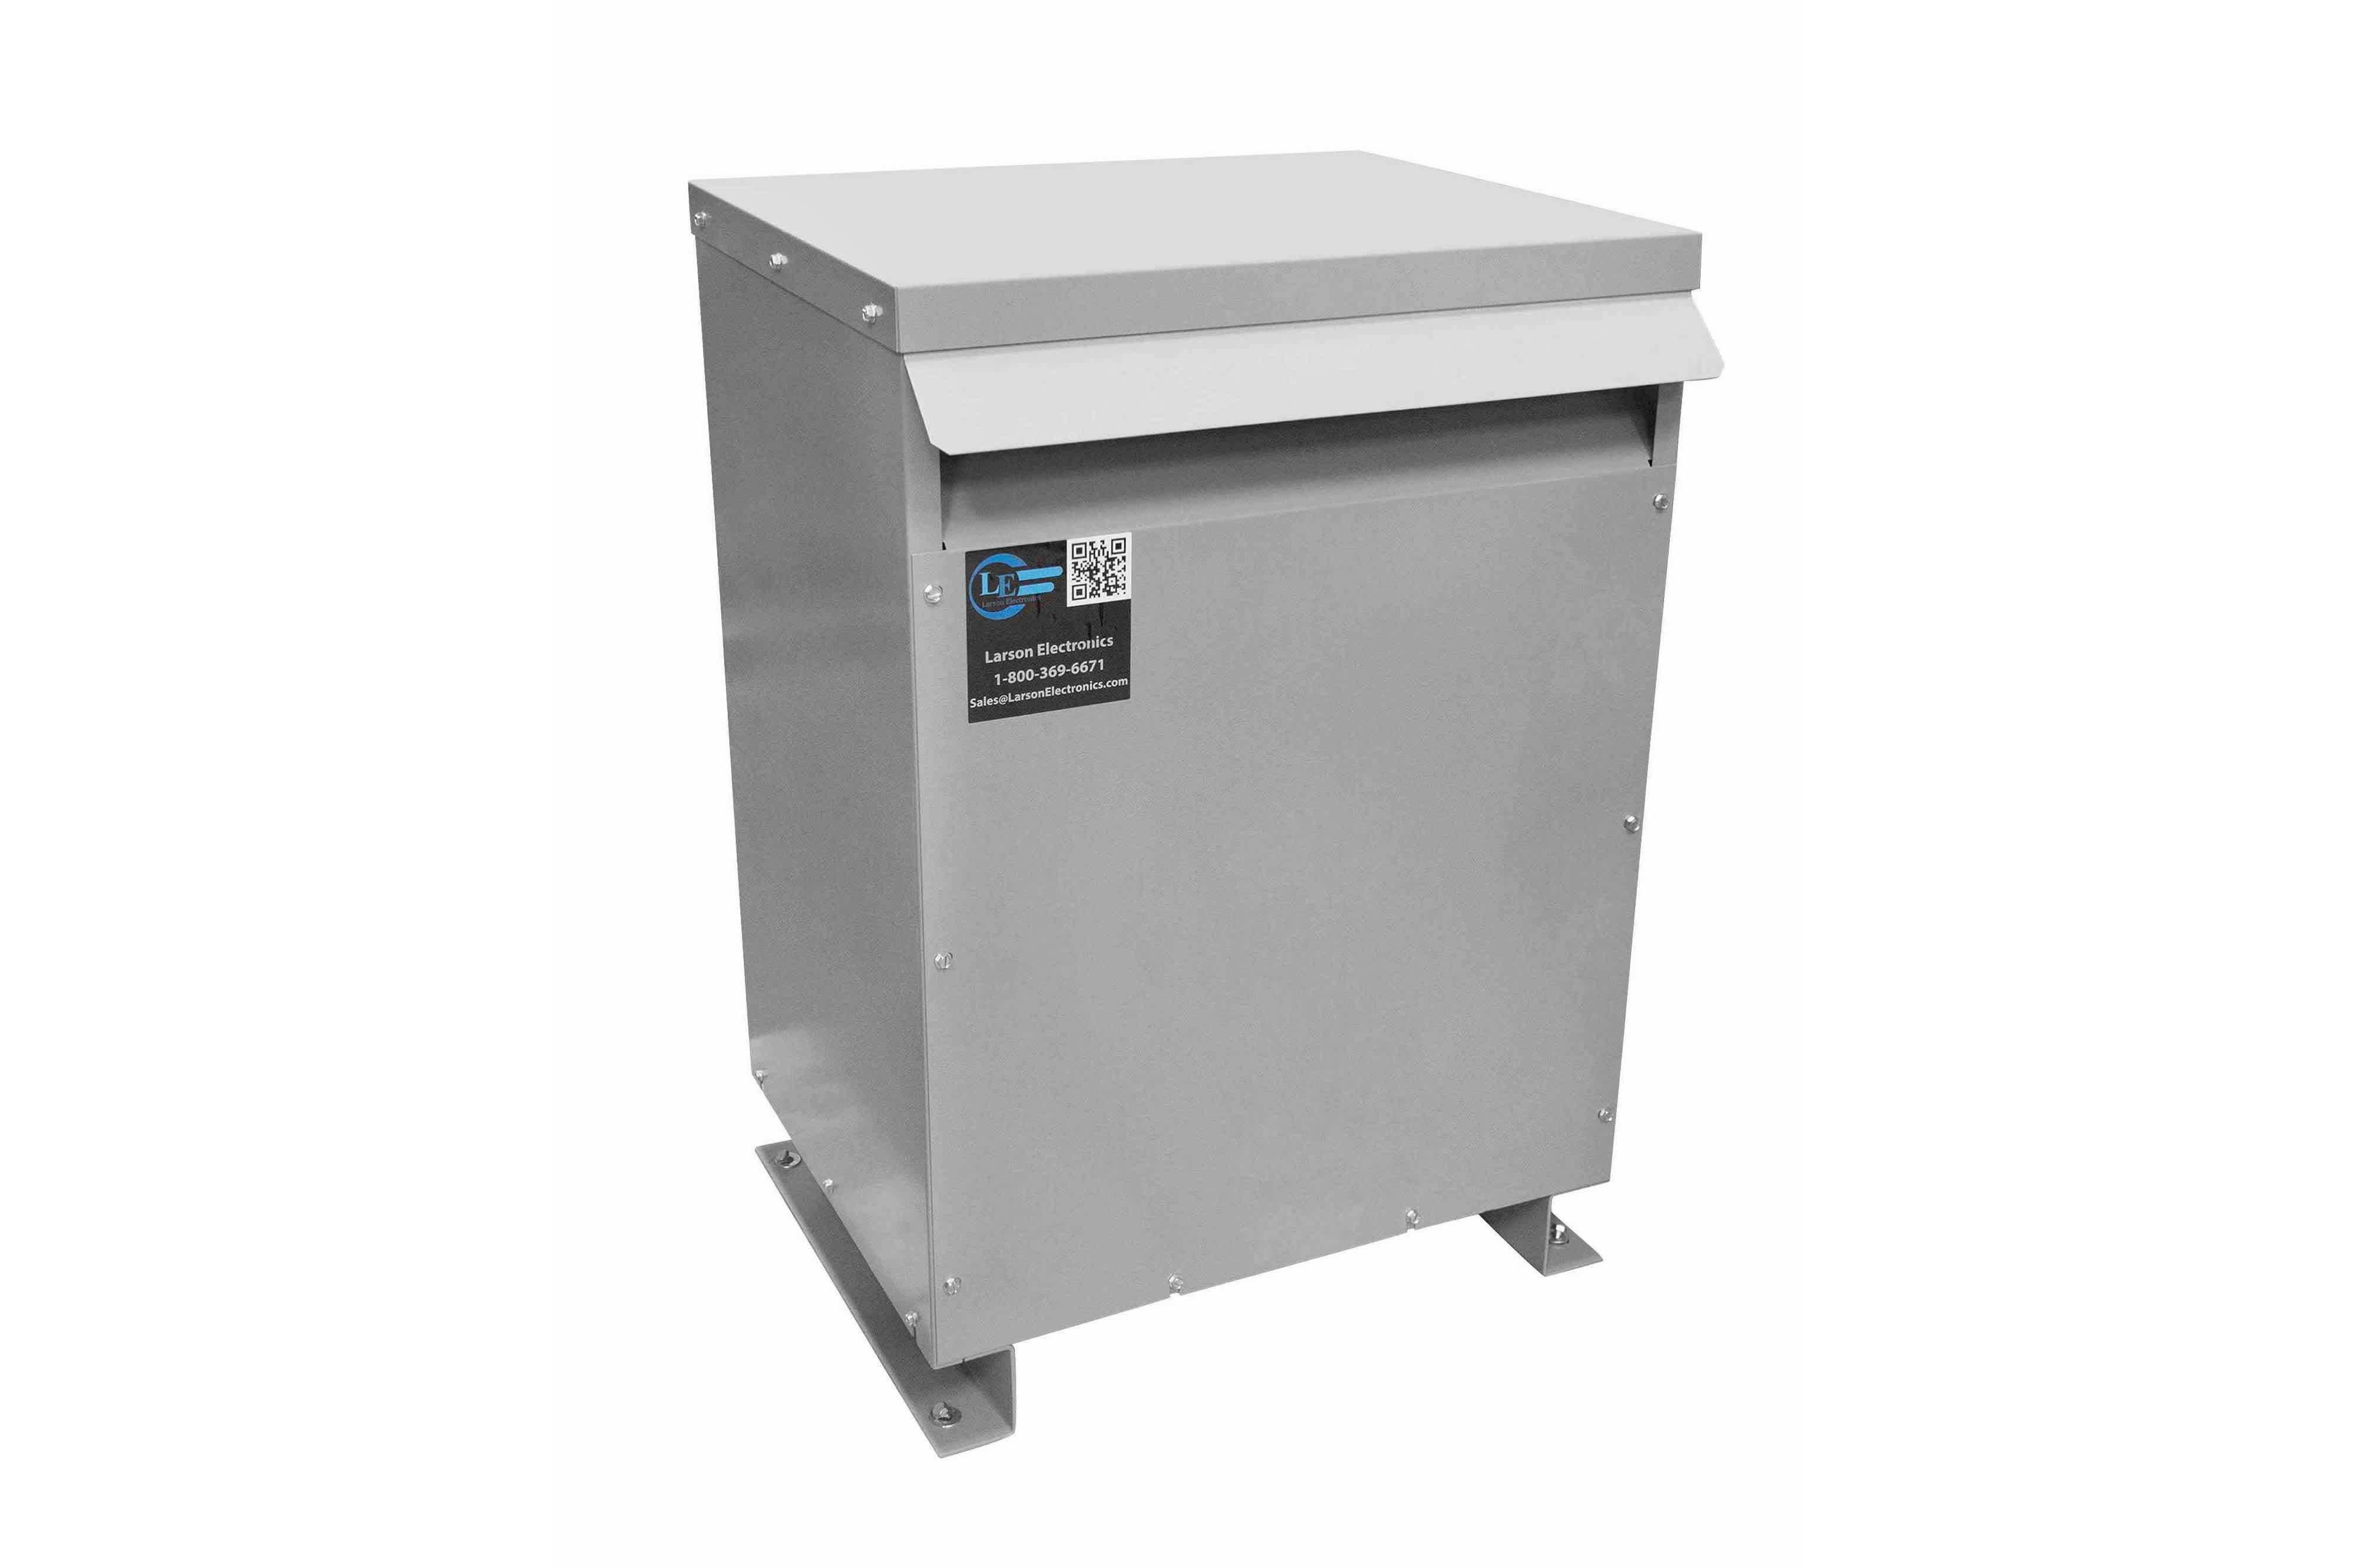 28 kVA 3PH Isolation Transformer, 480V Delta Primary, 575V Delta Secondary, N3R, Ventilated, 60 Hz